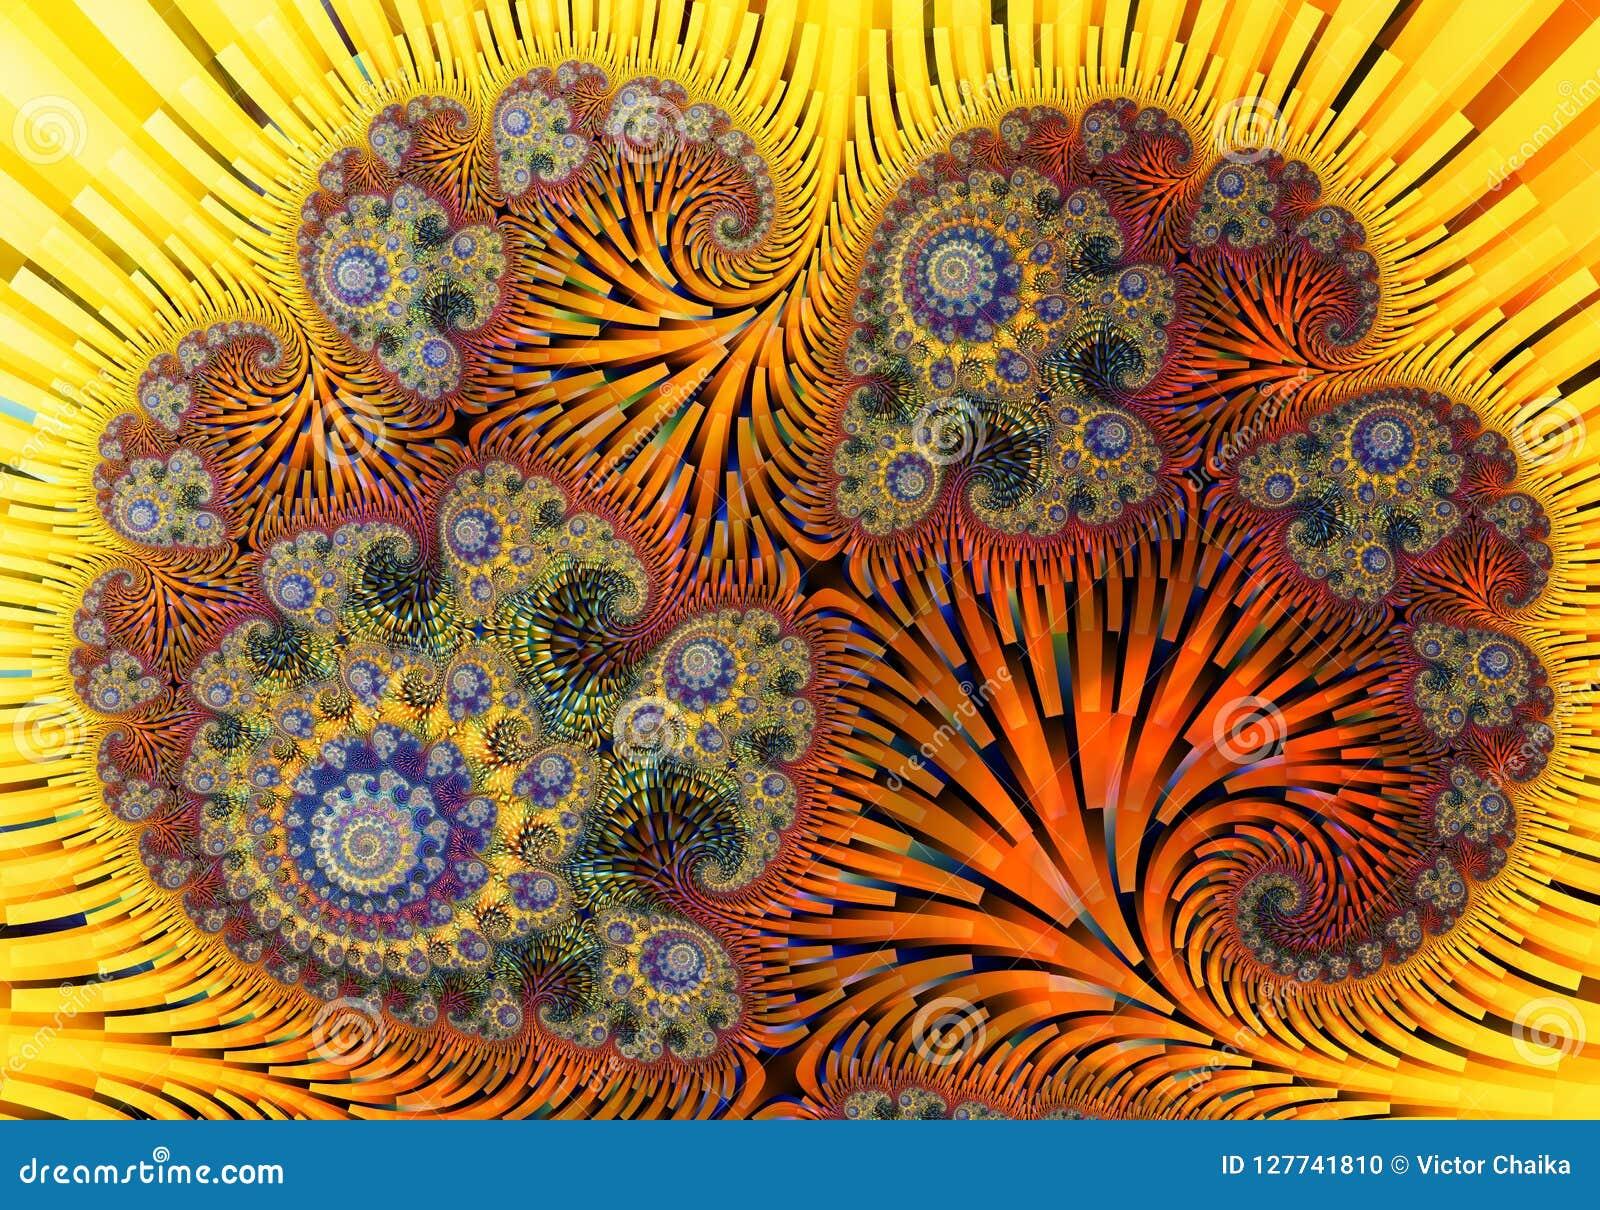 Ilustraciones digitales abstractas Modelos de la naturaleza Cáscaras mágicas